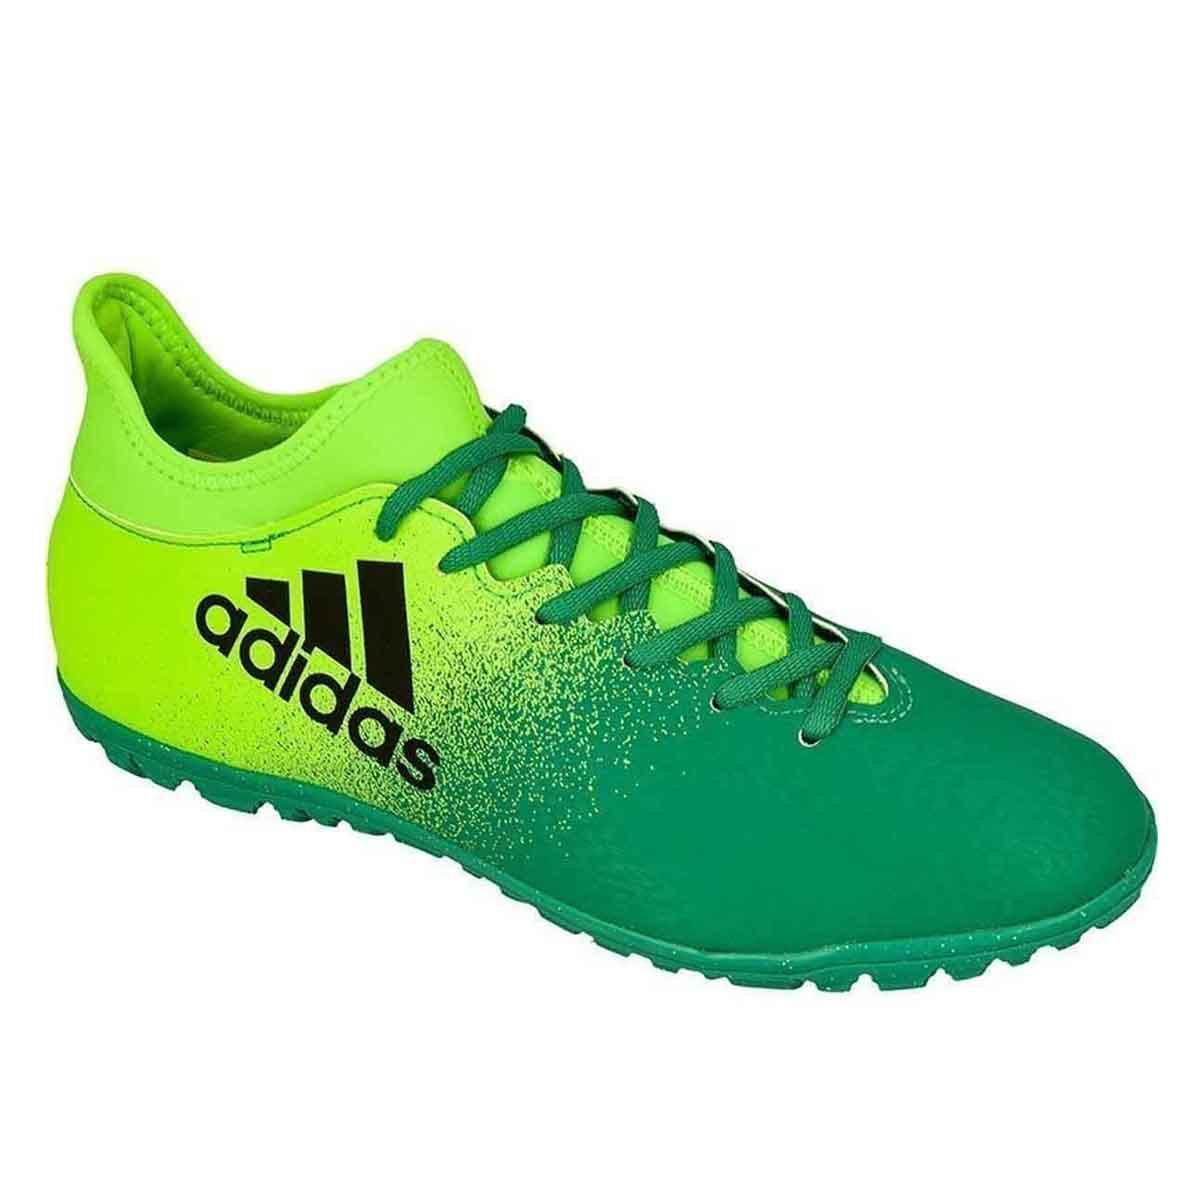 Buy Adidas X 16.3 Turf Football Shoes